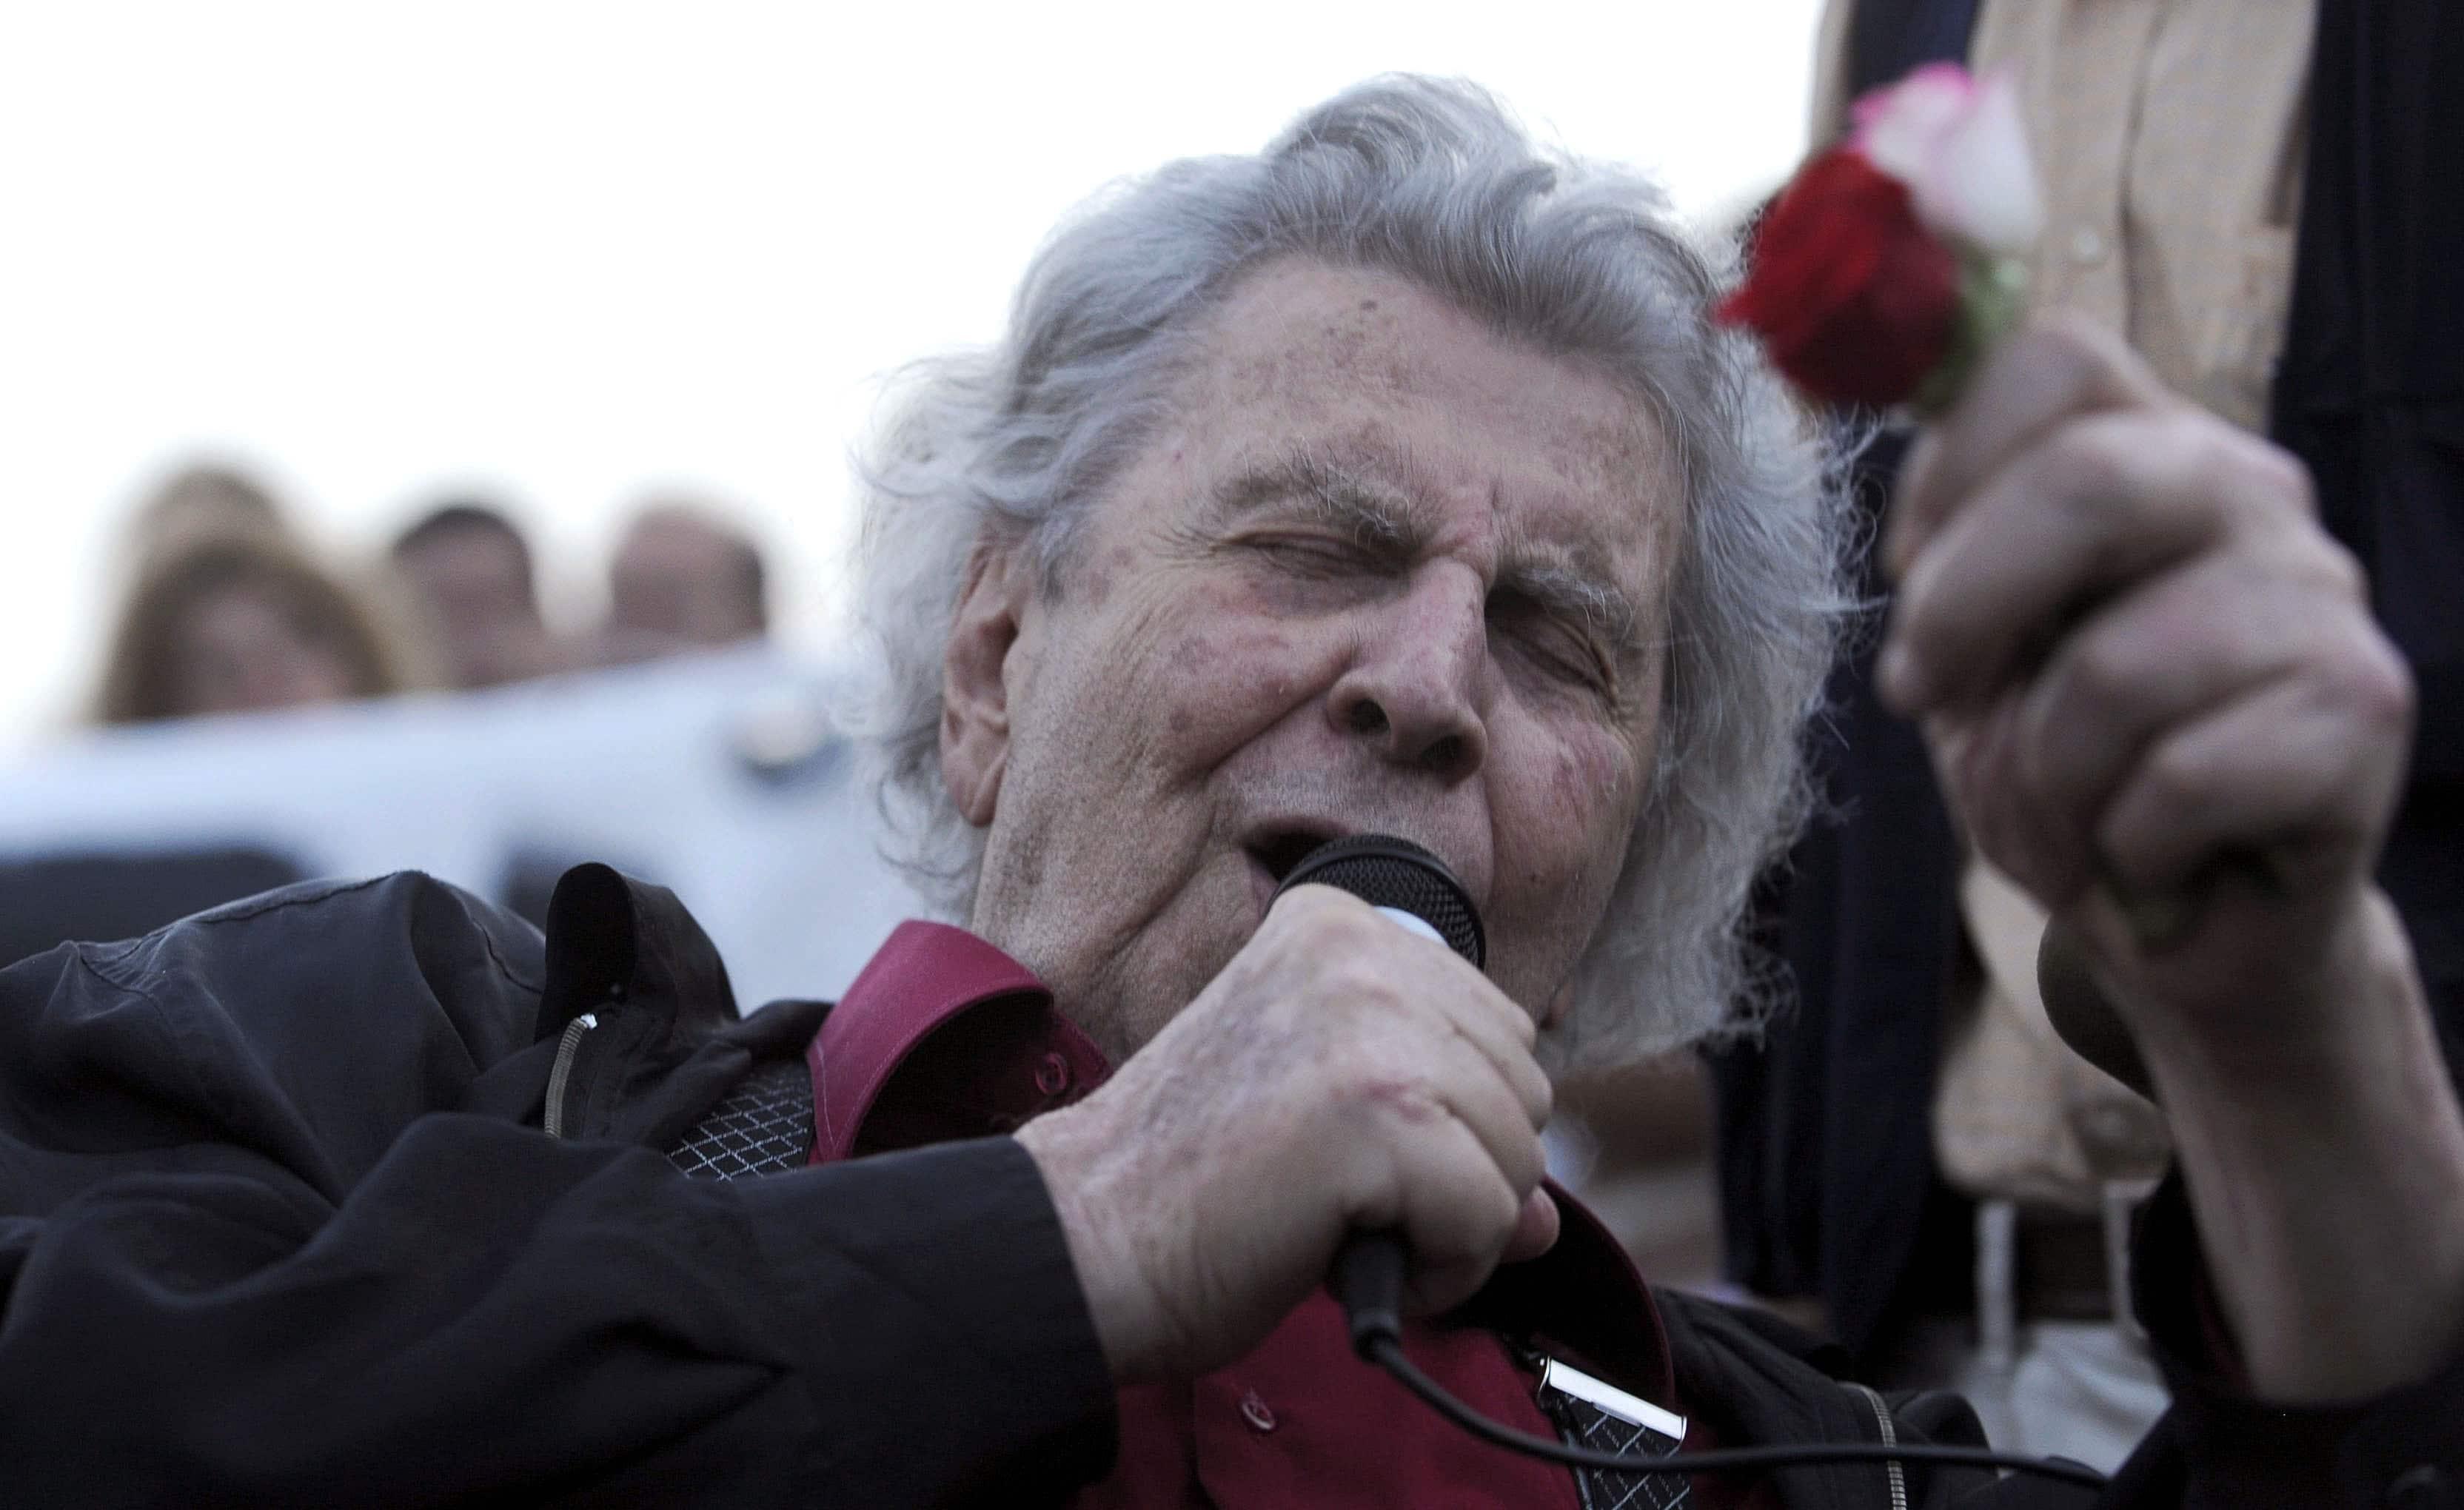 מיקיס תאודוראקיס שר בכיכר אריסטו במהלך עצרת בצפון סלוניקי,8 ביוני 2011 (צילום: AP Photo/Nikolas Giakoumidis)